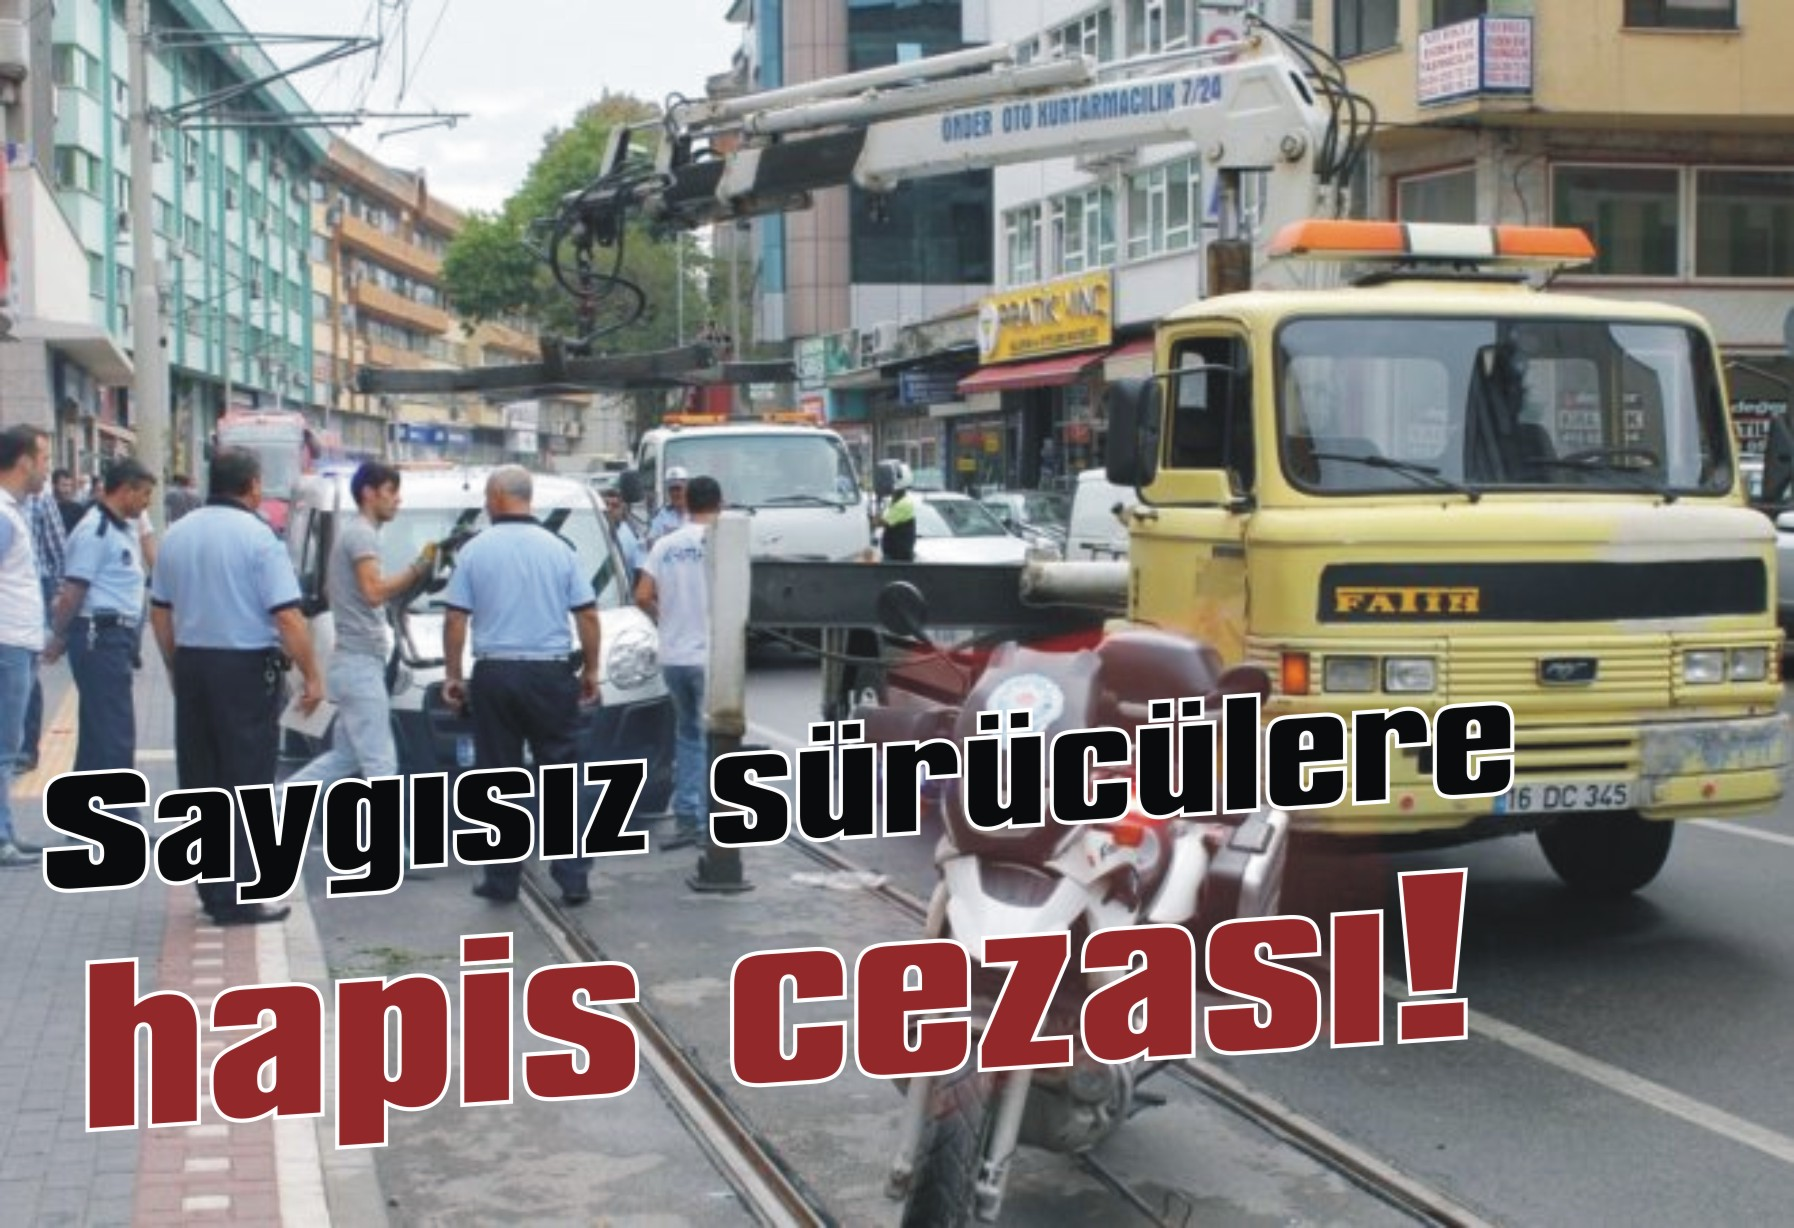 Saygısız sürücülere hapis cezası!